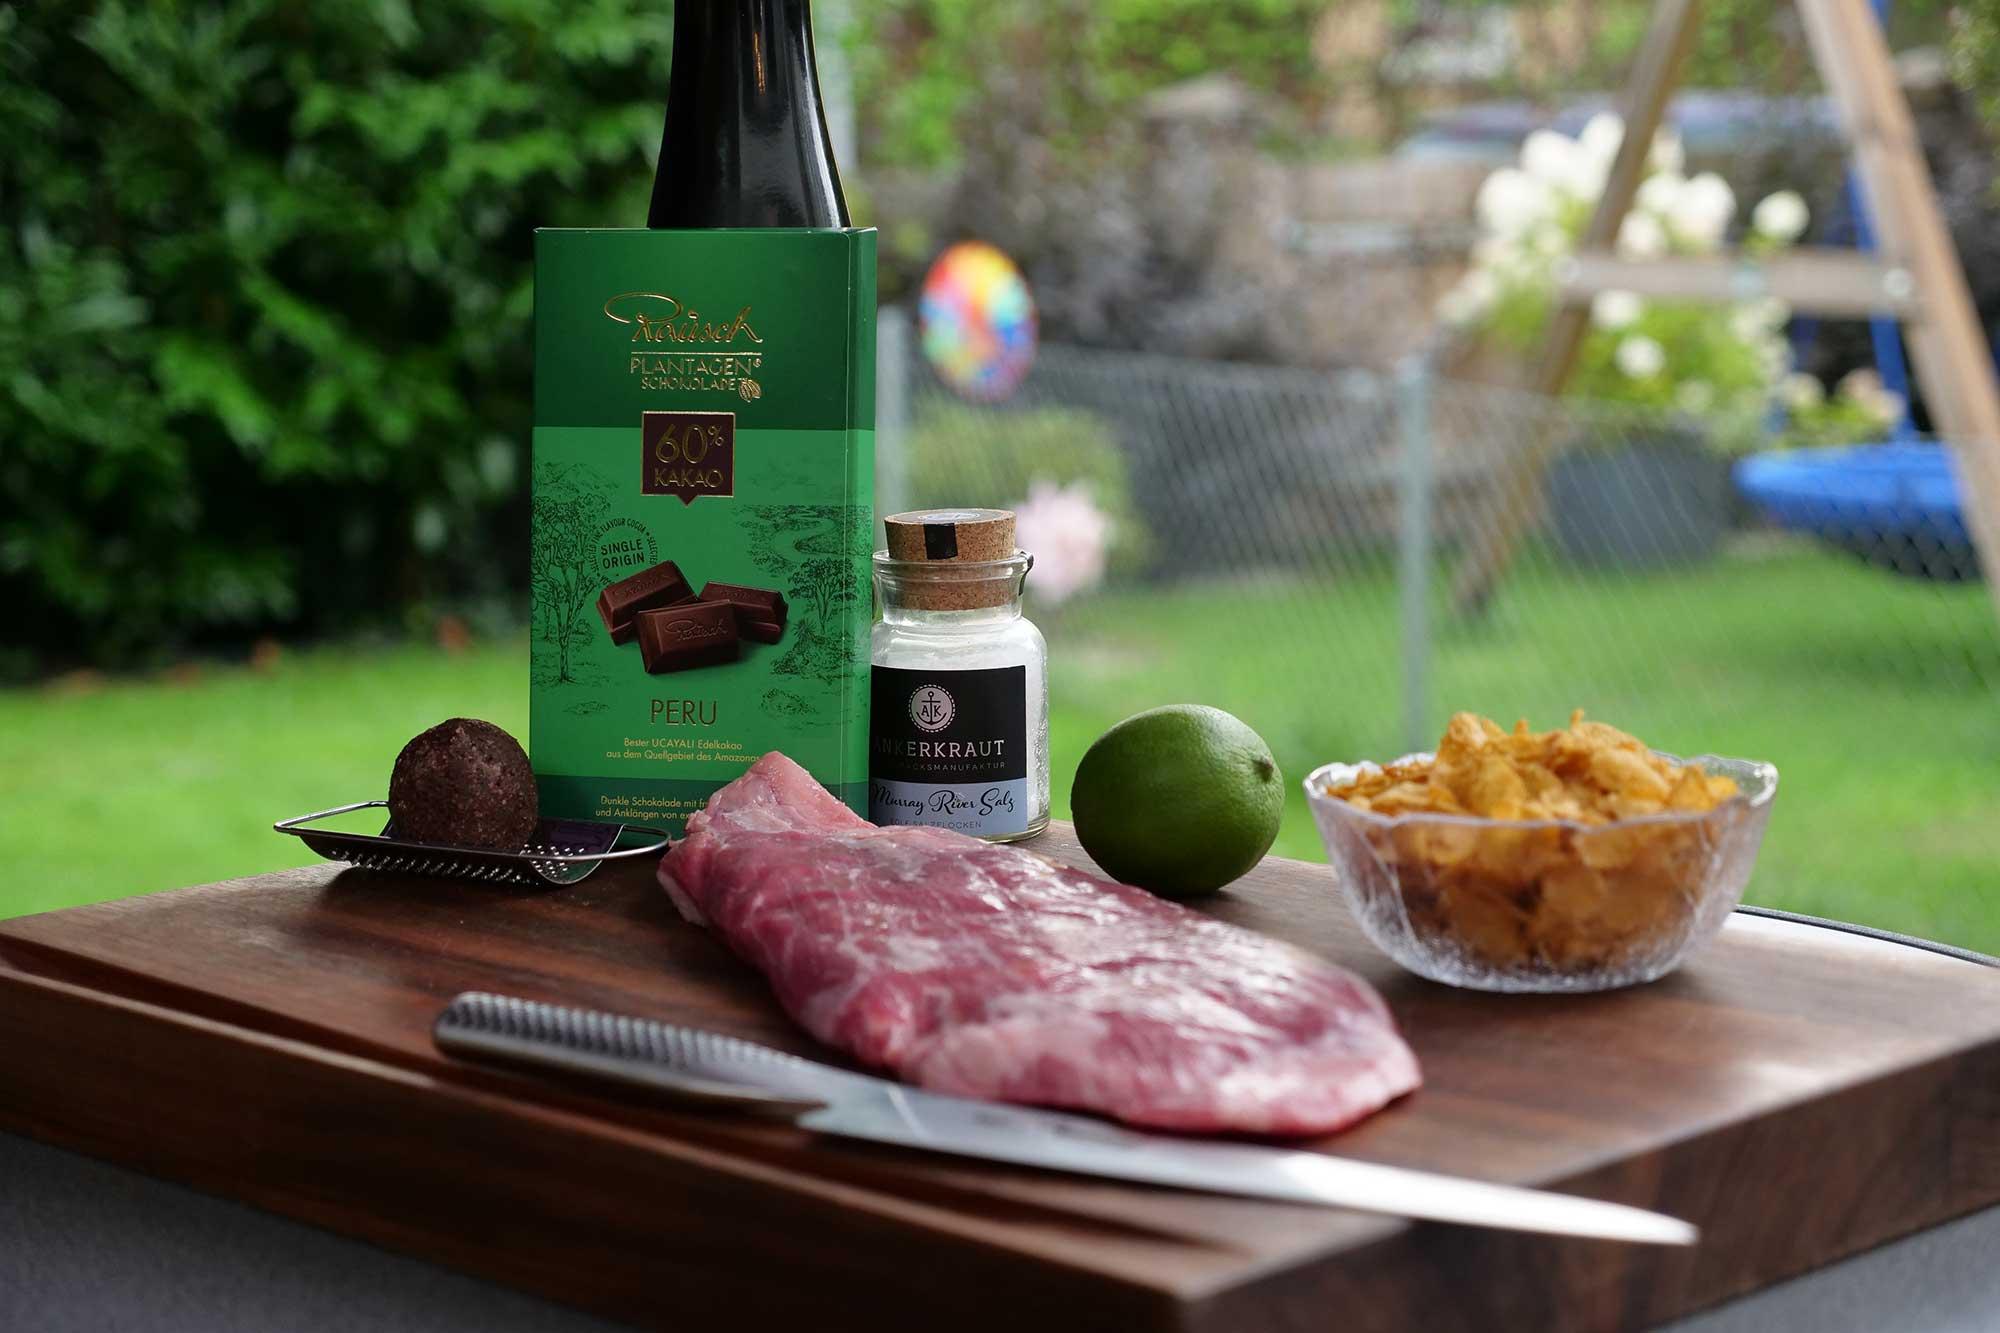 flank steak grillen mit schoko limetten flakes so geht 39 s. Black Bedroom Furniture Sets. Home Design Ideas